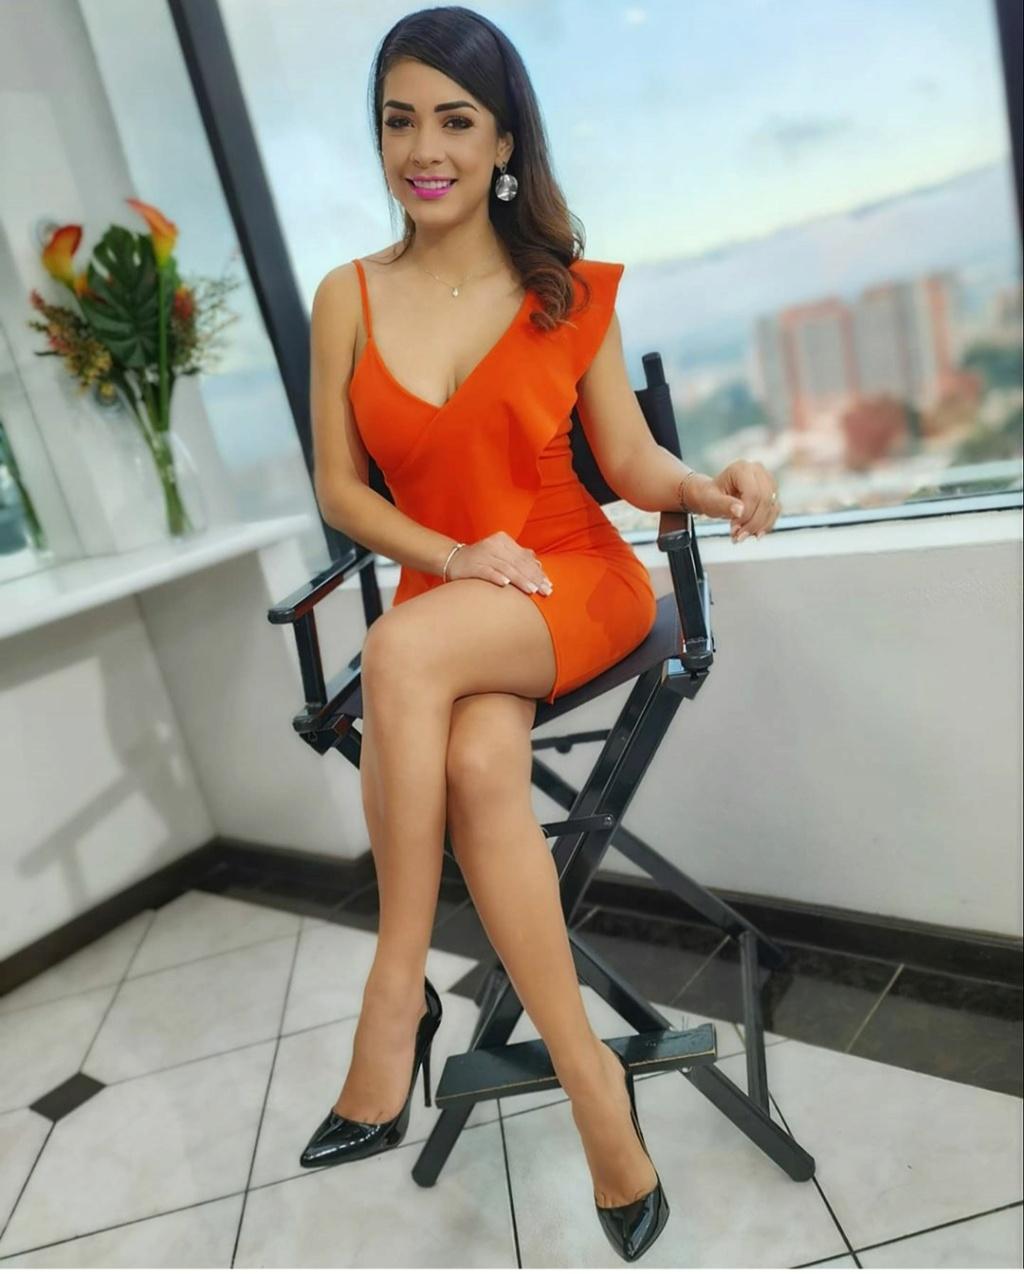 DEBATE sobre belleza, guapura y hermosura (fotos de chicas latinas, mestizas, y de todo) - VOL II - Página 3 Img_2589